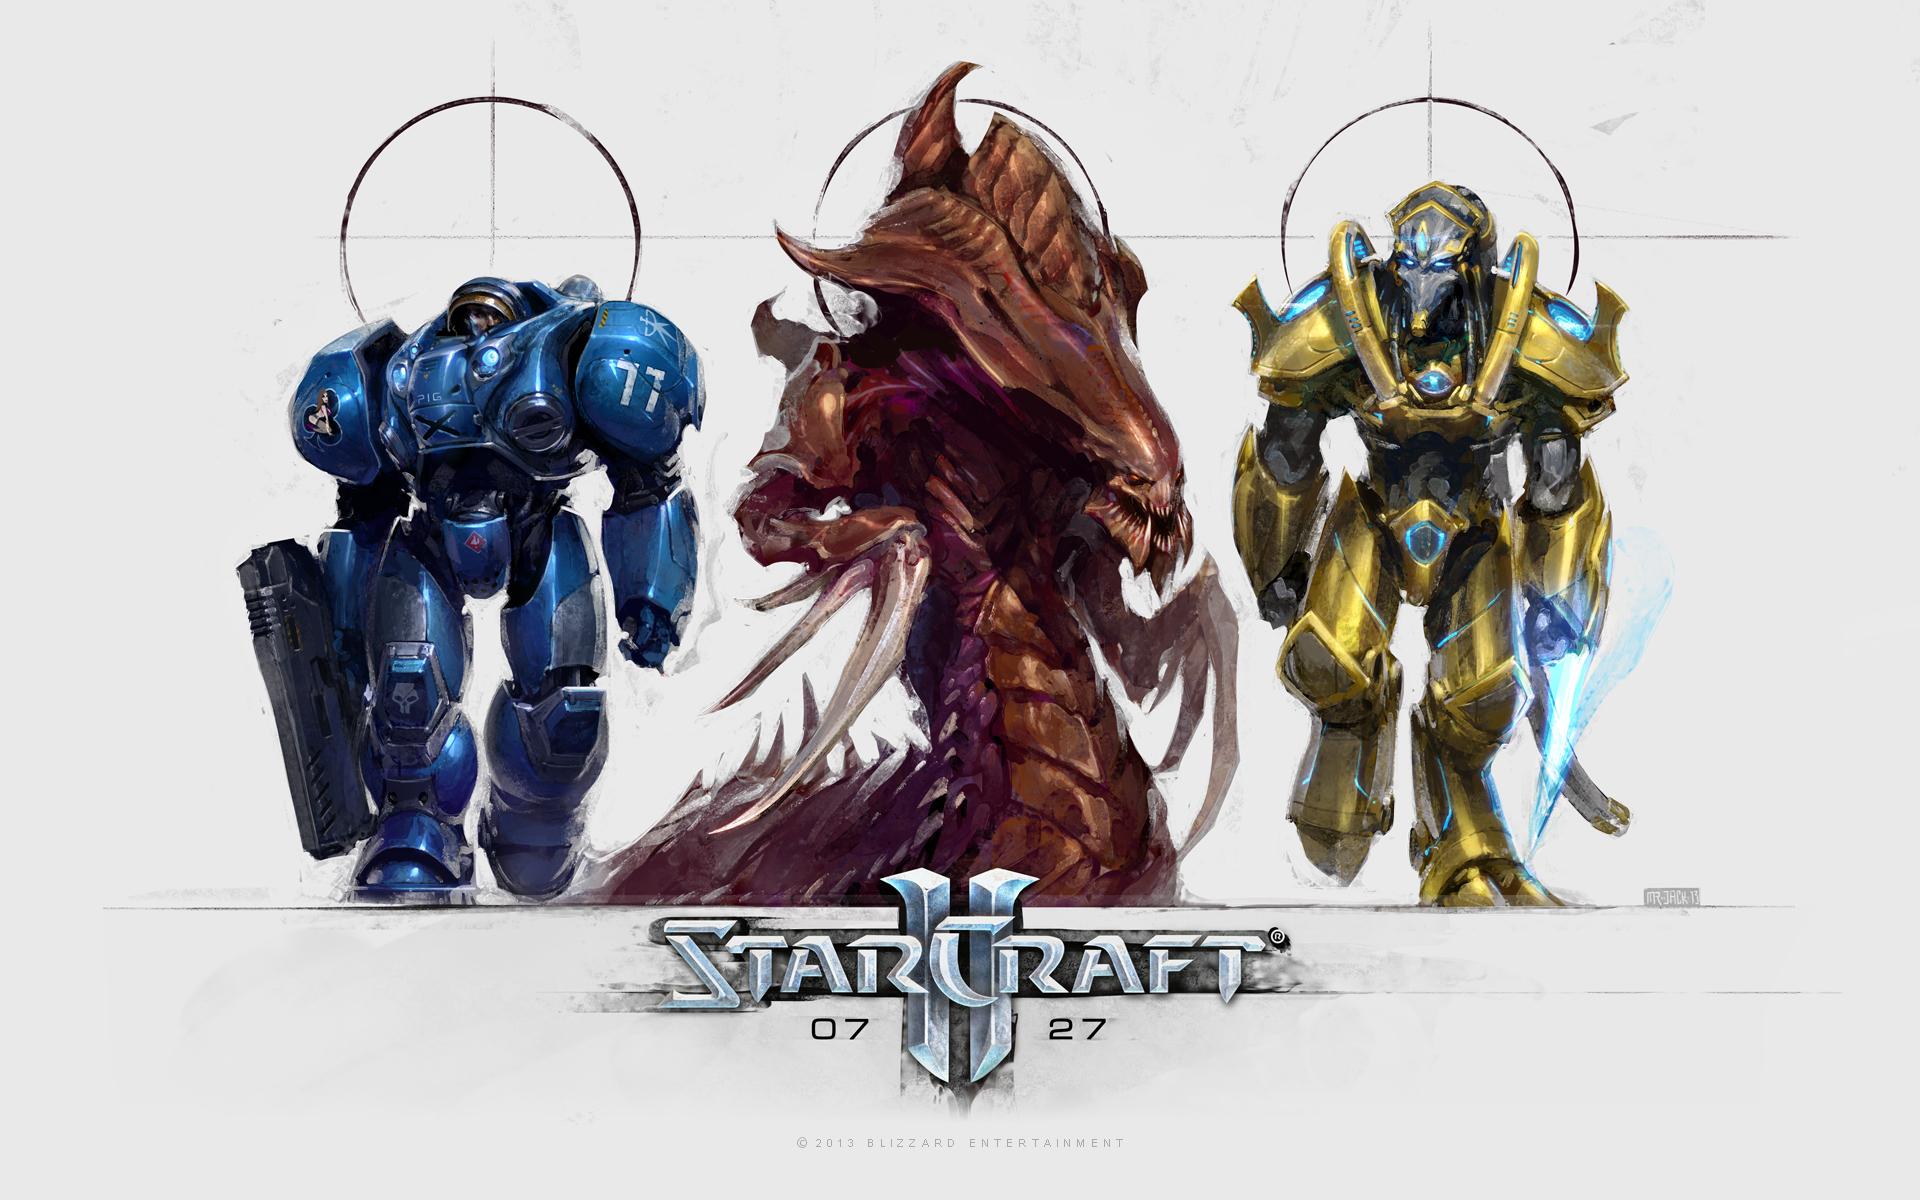 Trzecie urodziny StarCrafta II. Co Blizzard przygotował dla fanów? - obrazek 1